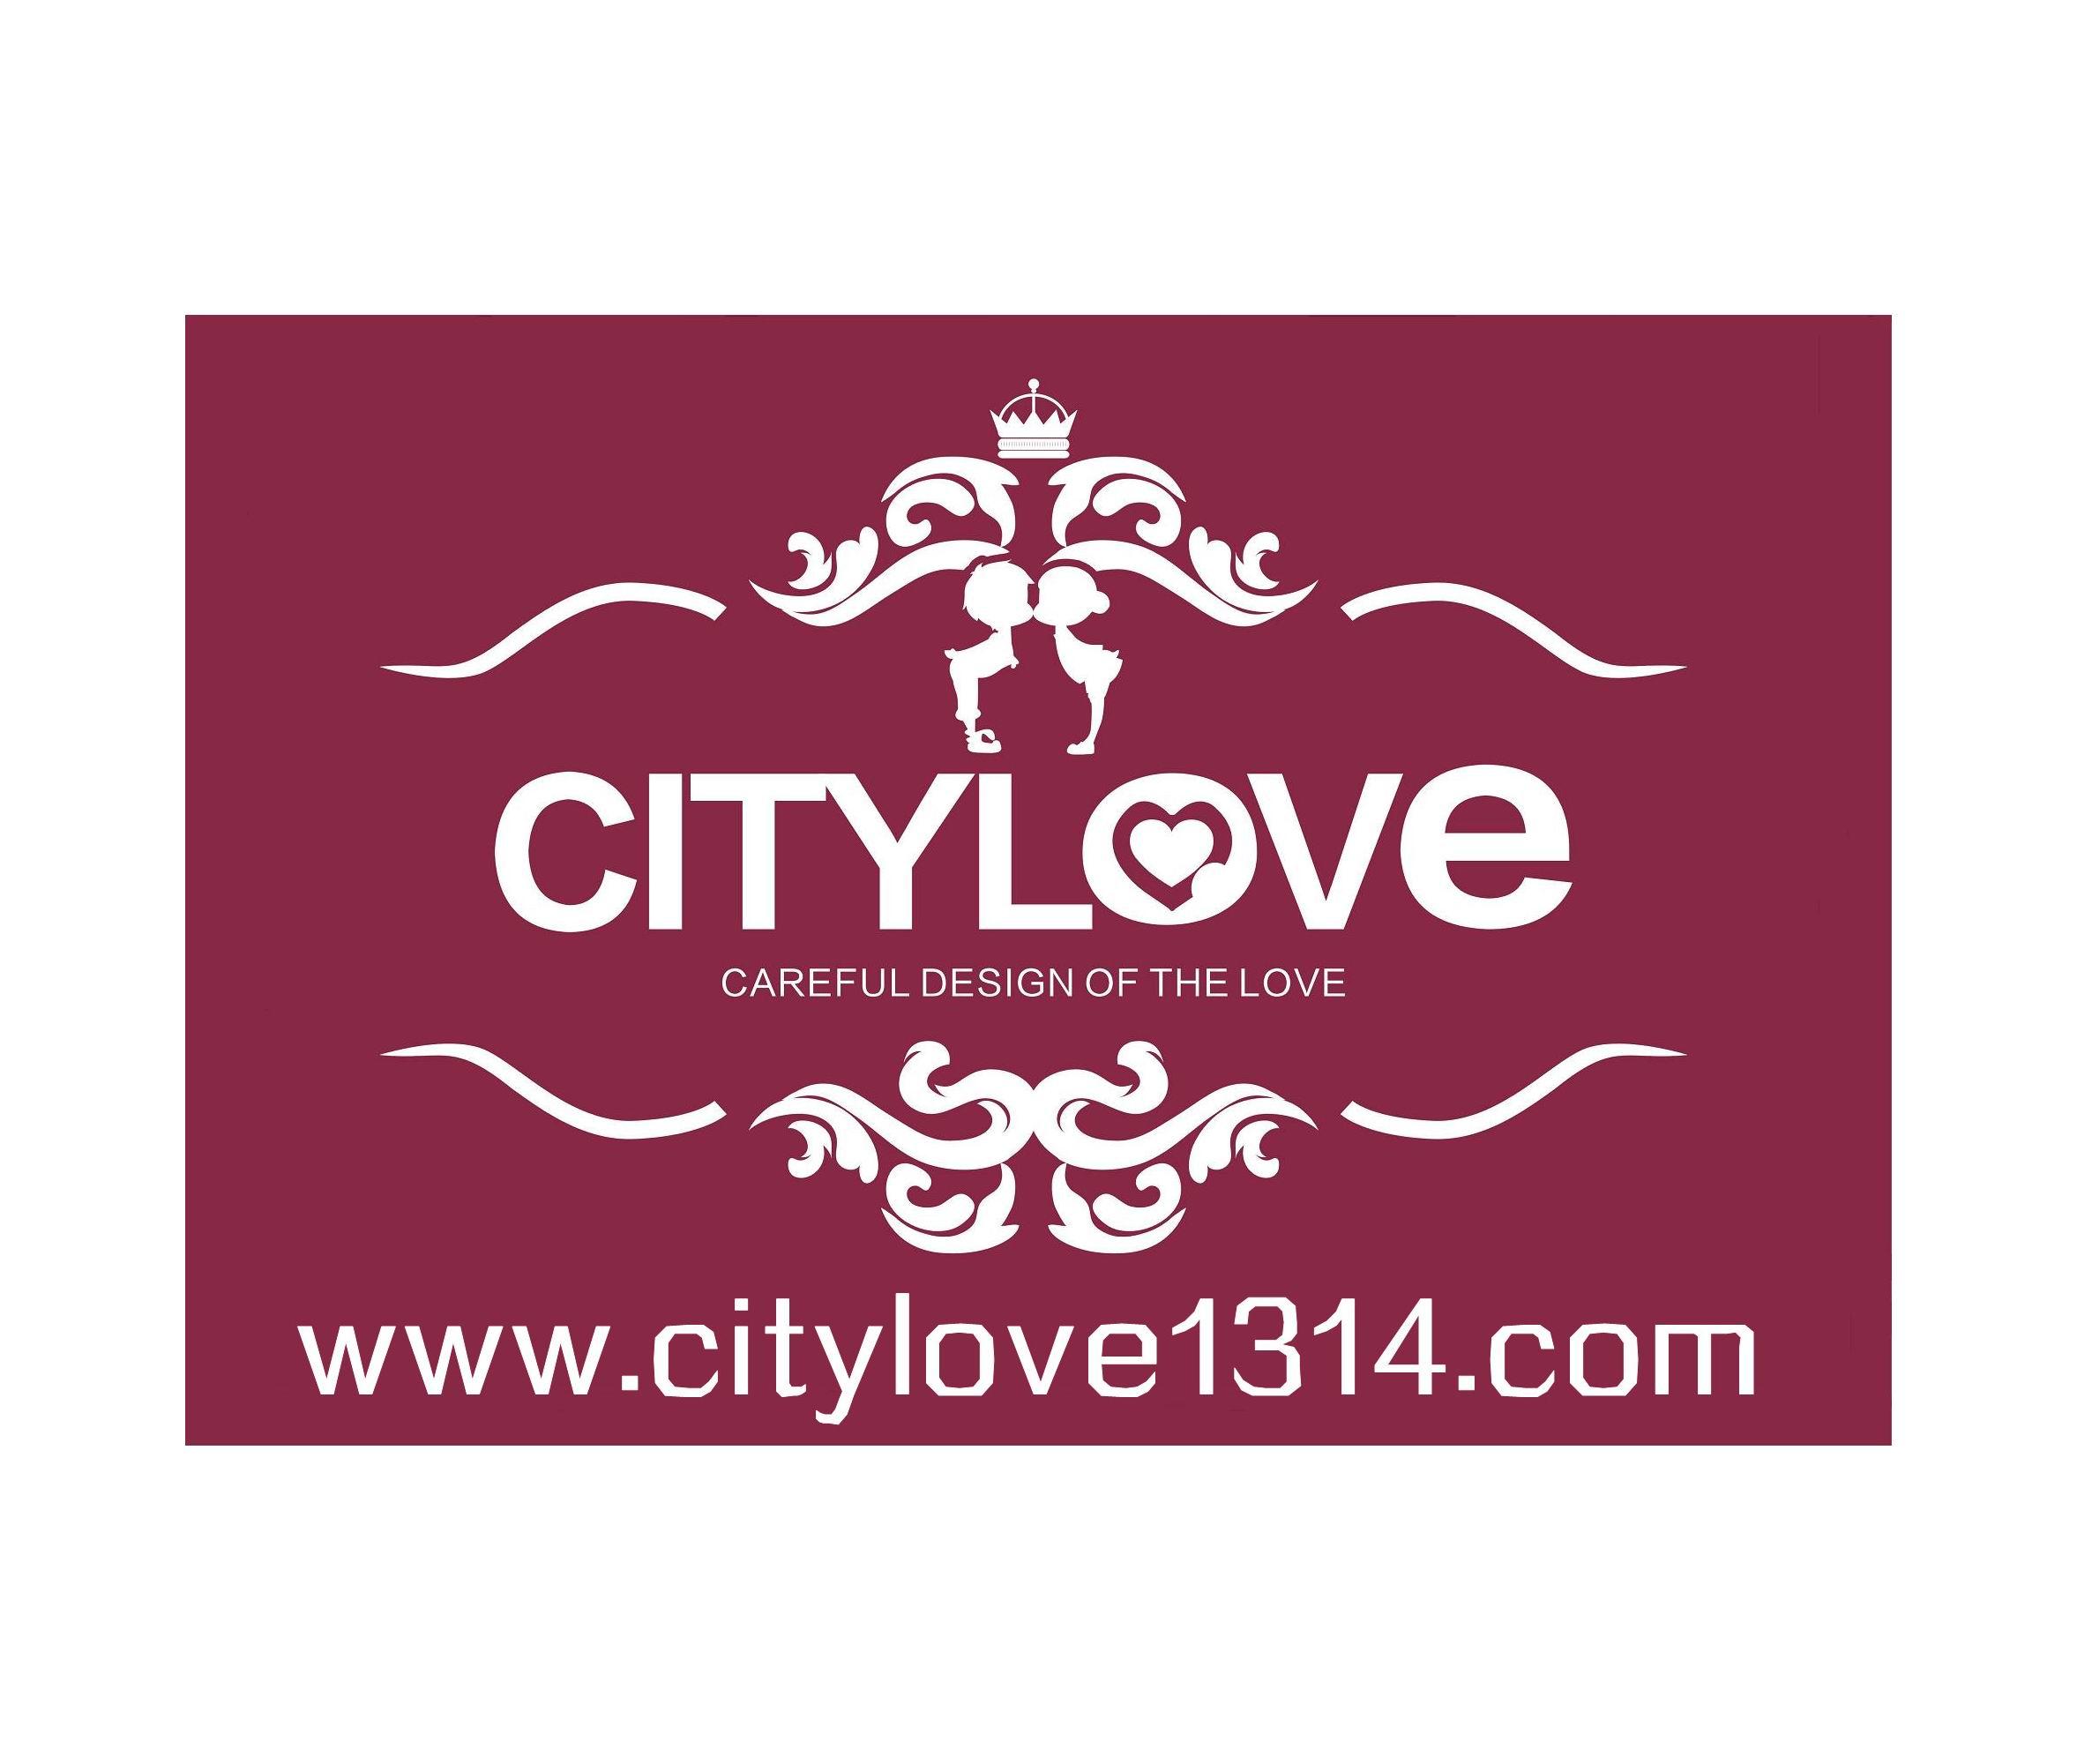 上海哪里求婚好上海CITYLOVE创意求婚哪里比较好